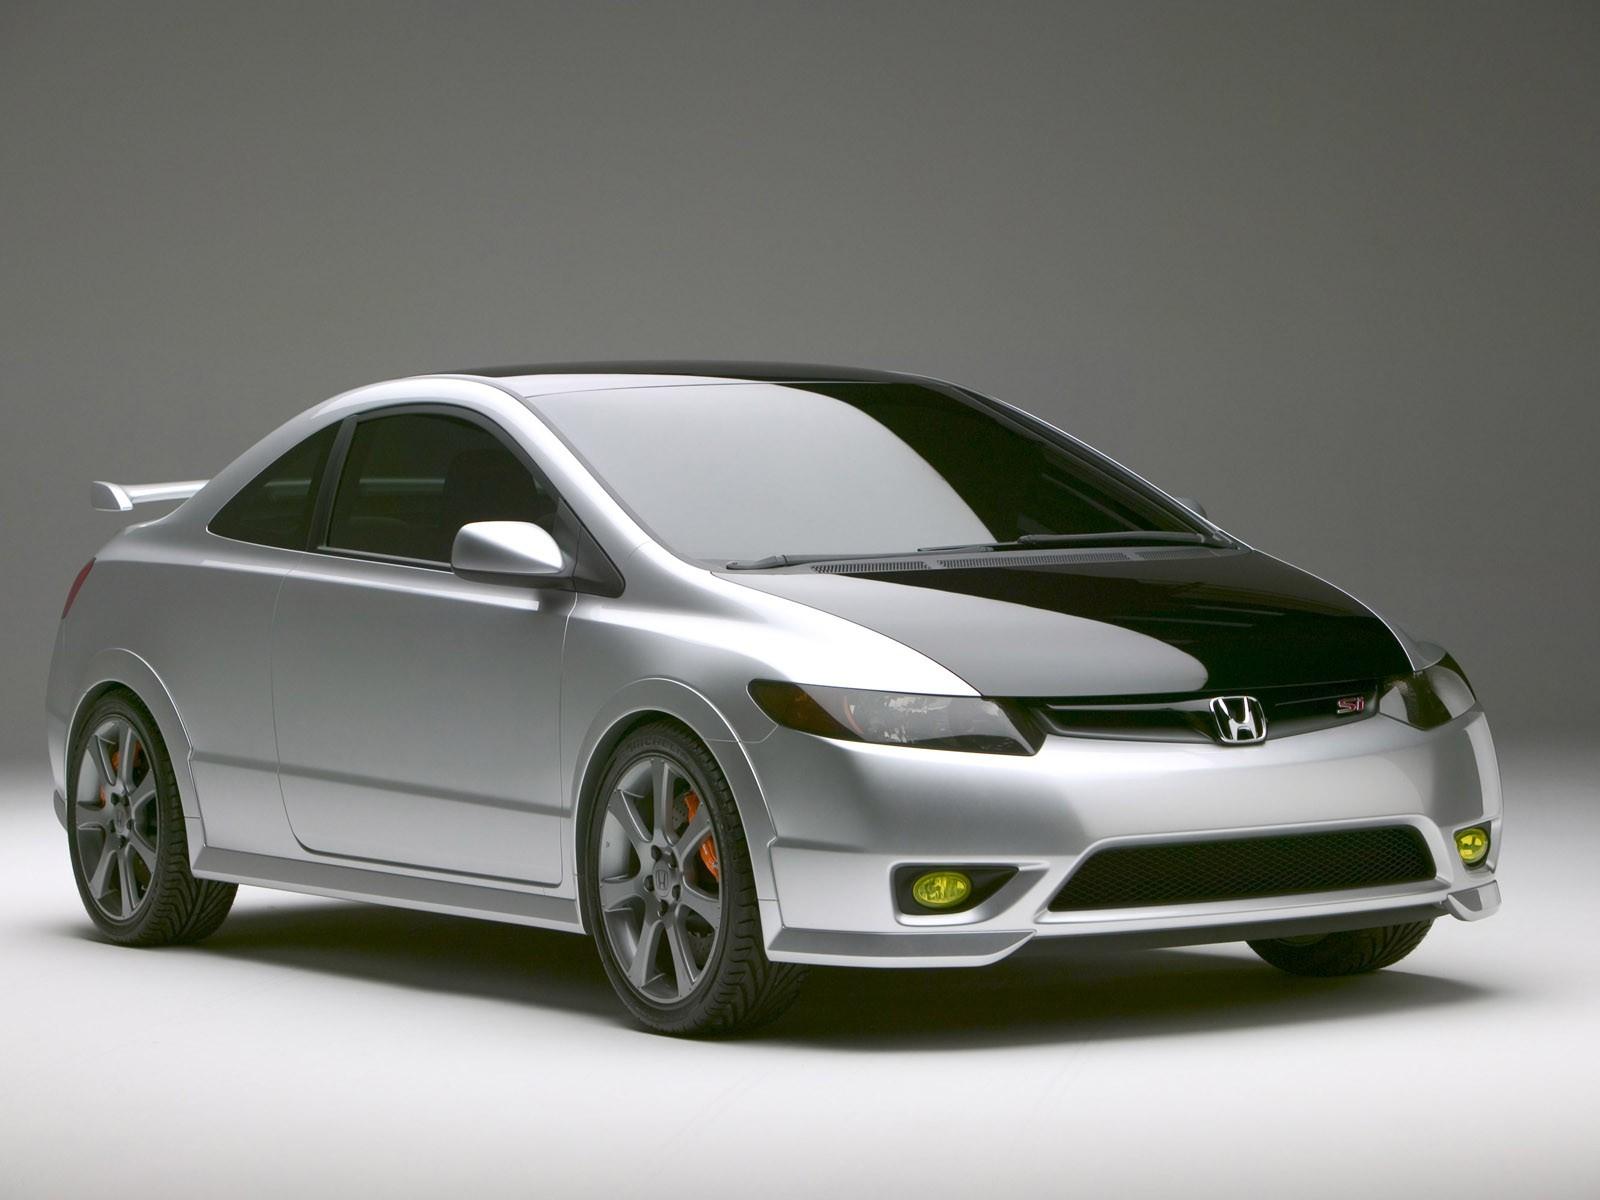 Honda Civic: The Honda Civic